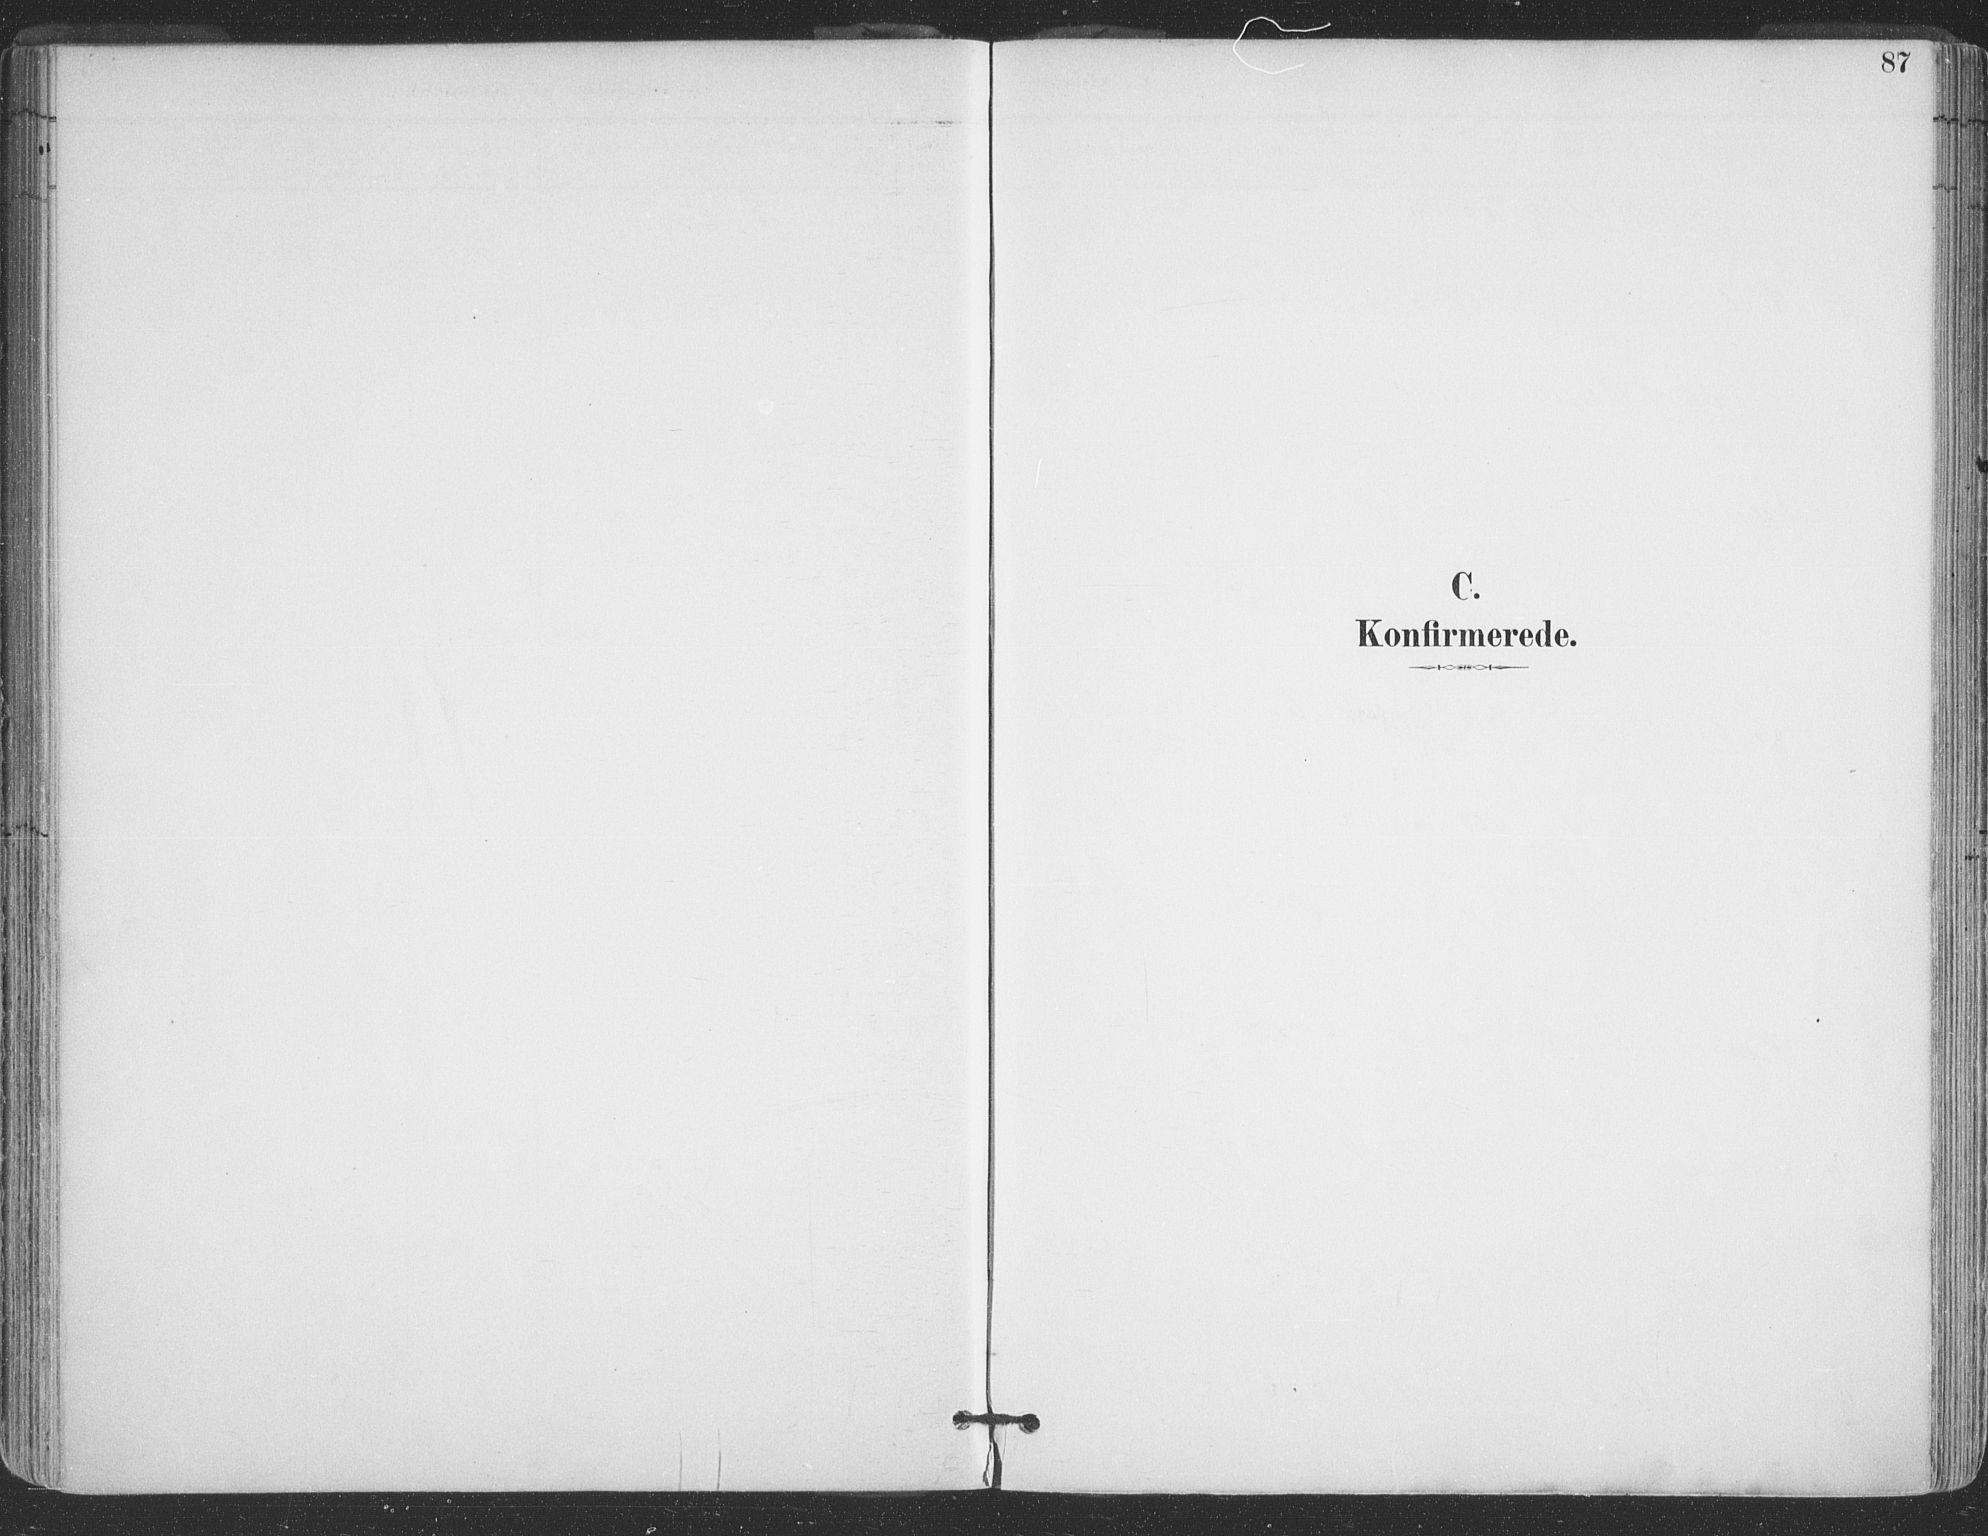 SATØ, Vadsø sokneprestkontor, H/Ha/L0006kirke: Ministerialbok nr. 6, 1885-1895, s. 87